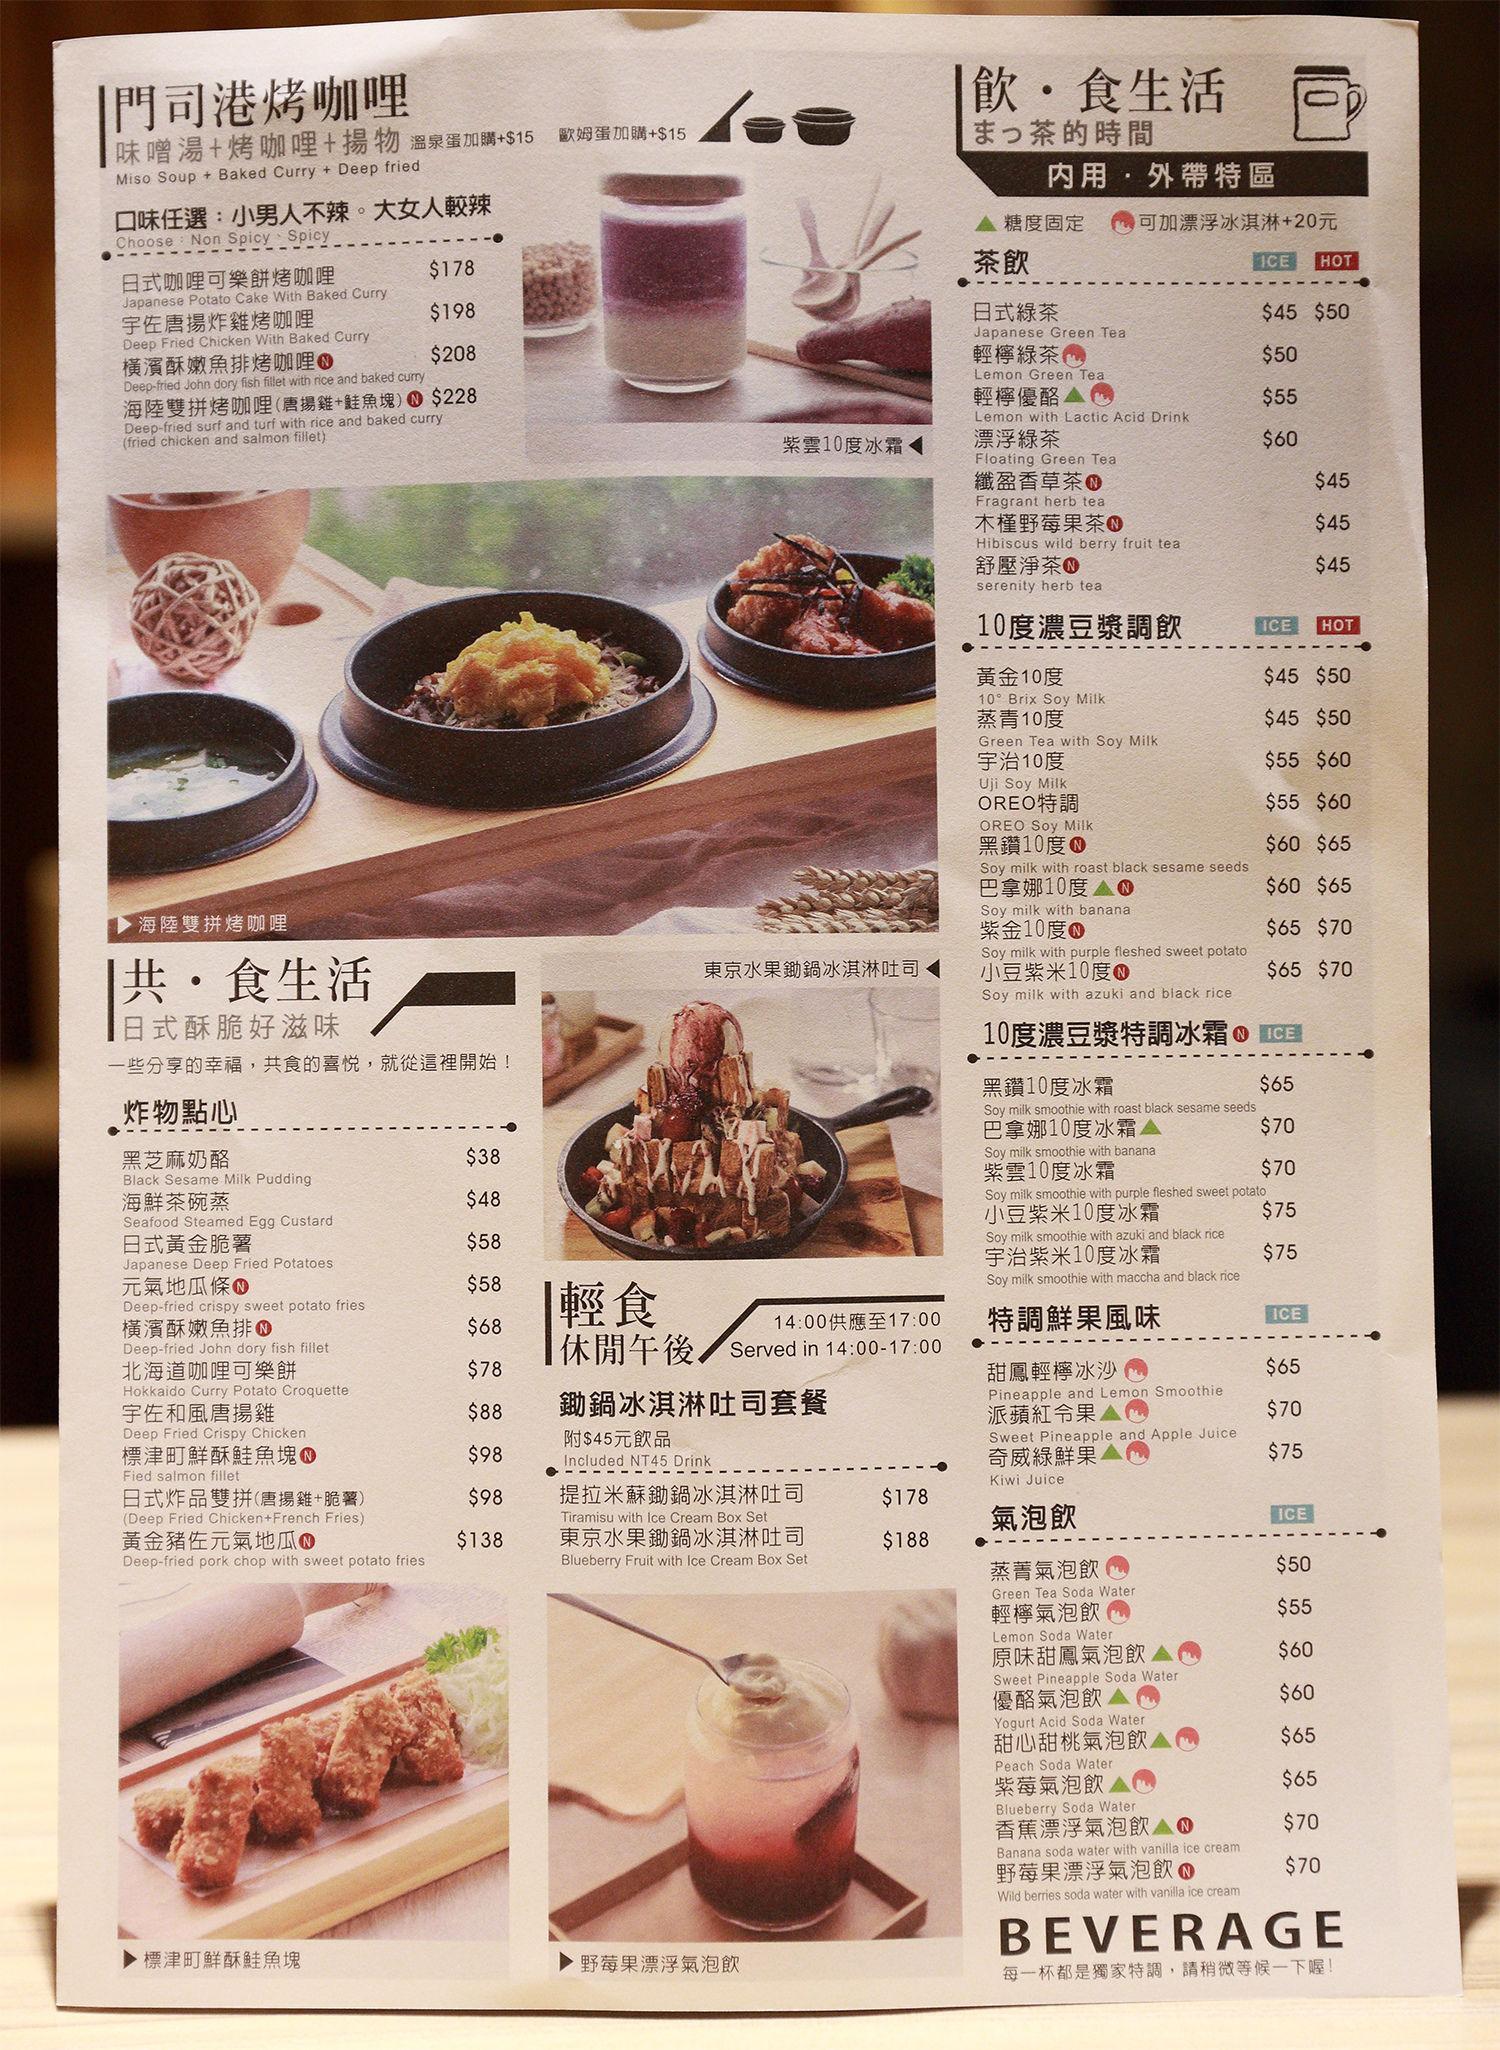 天利食堂菜單Menu